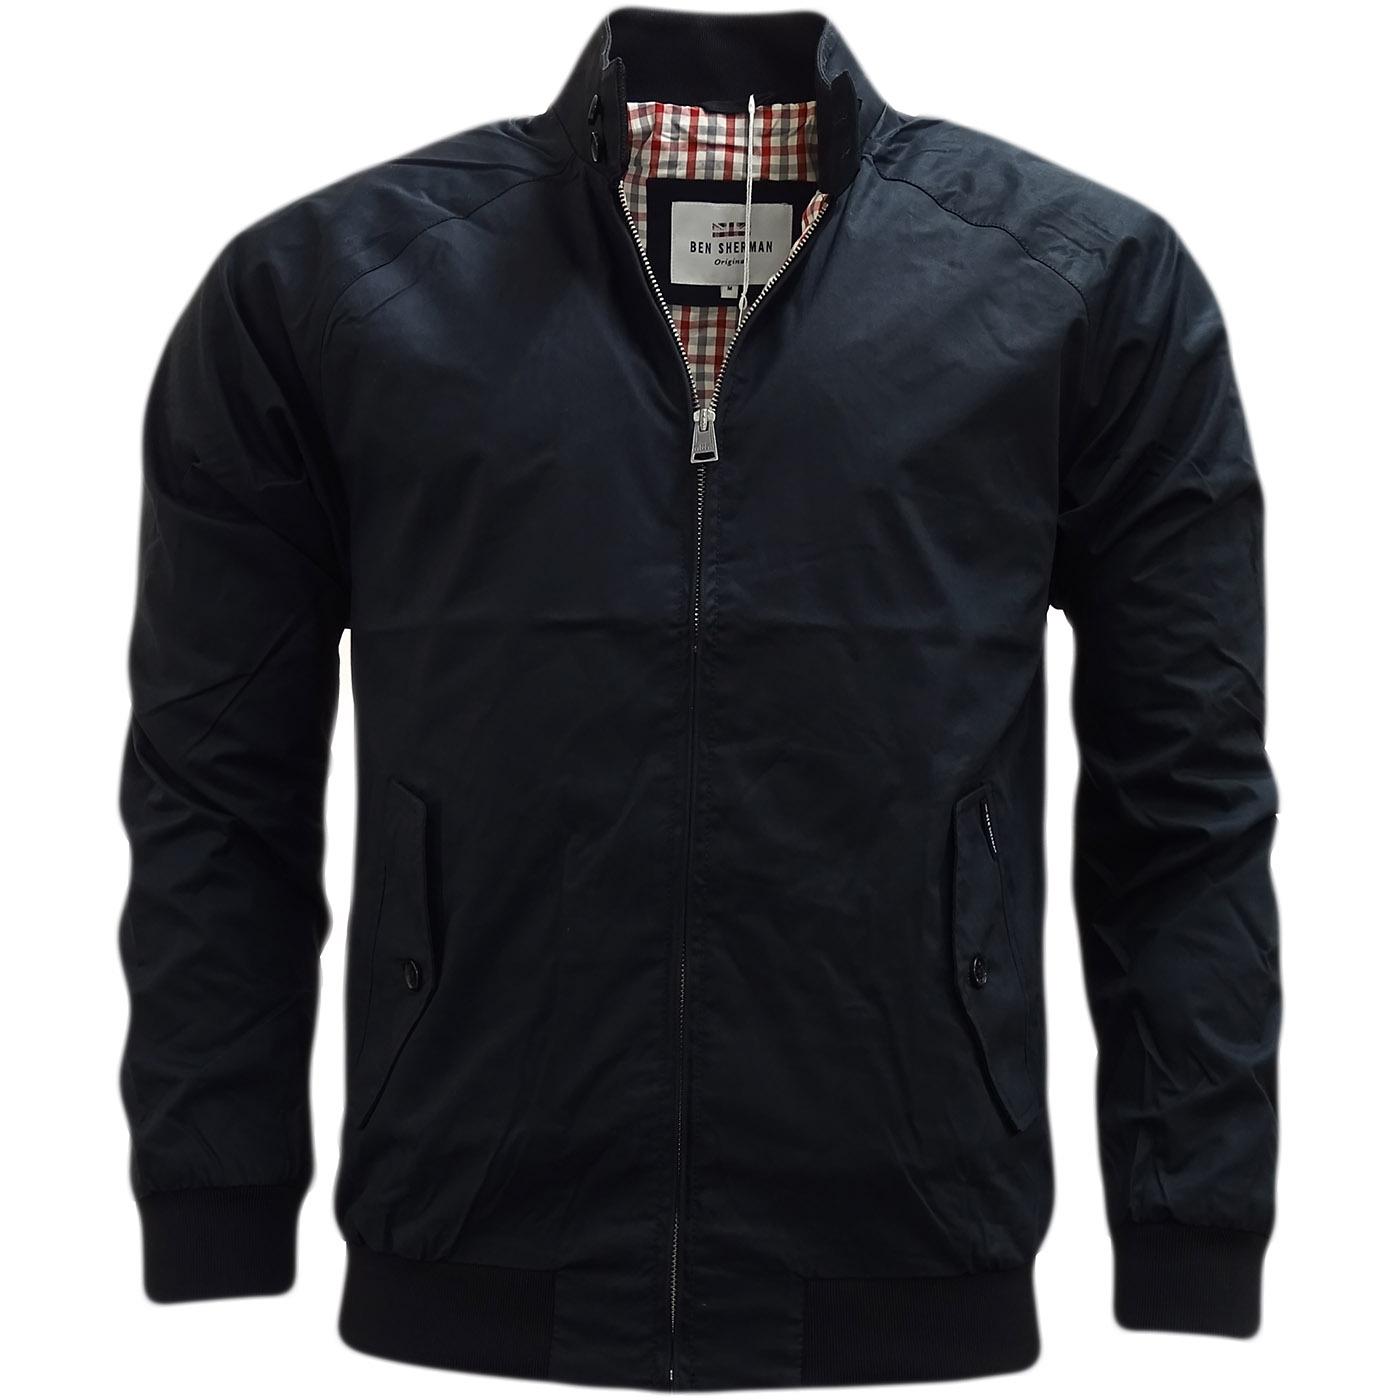 ben sherman harrington gingham lining jacket coat mf13639 jackets mr h menswear. Black Bedroom Furniture Sets. Home Design Ideas